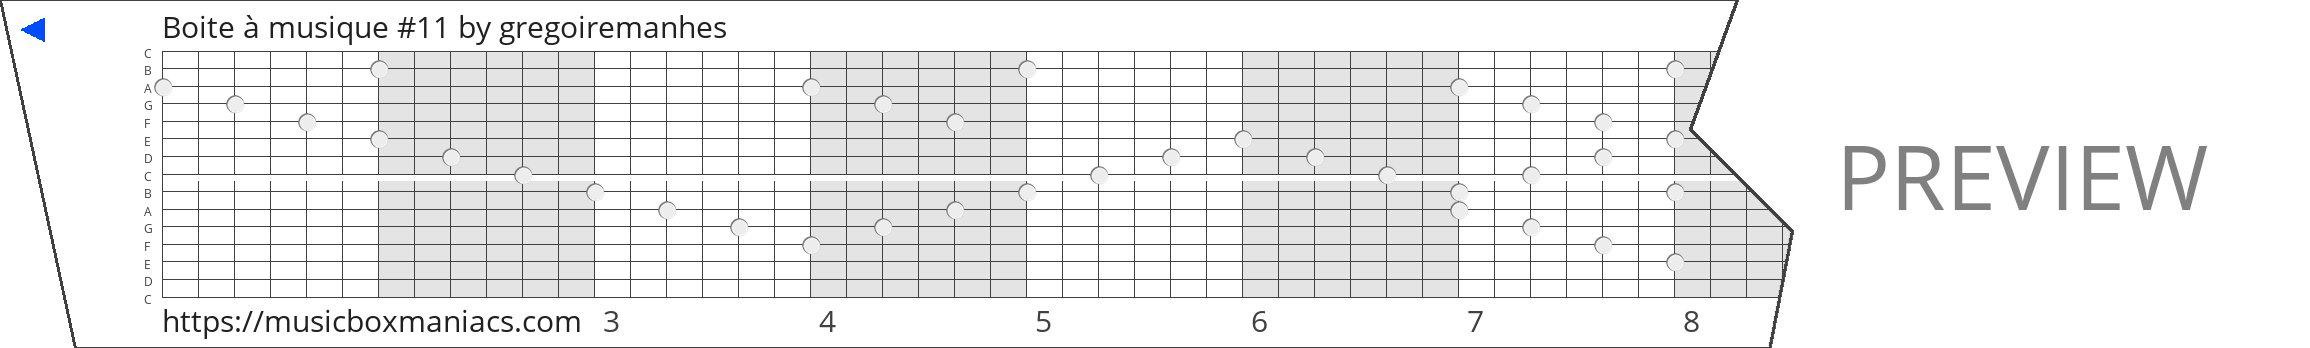 Boite à musique #11 15 note music box paper strip